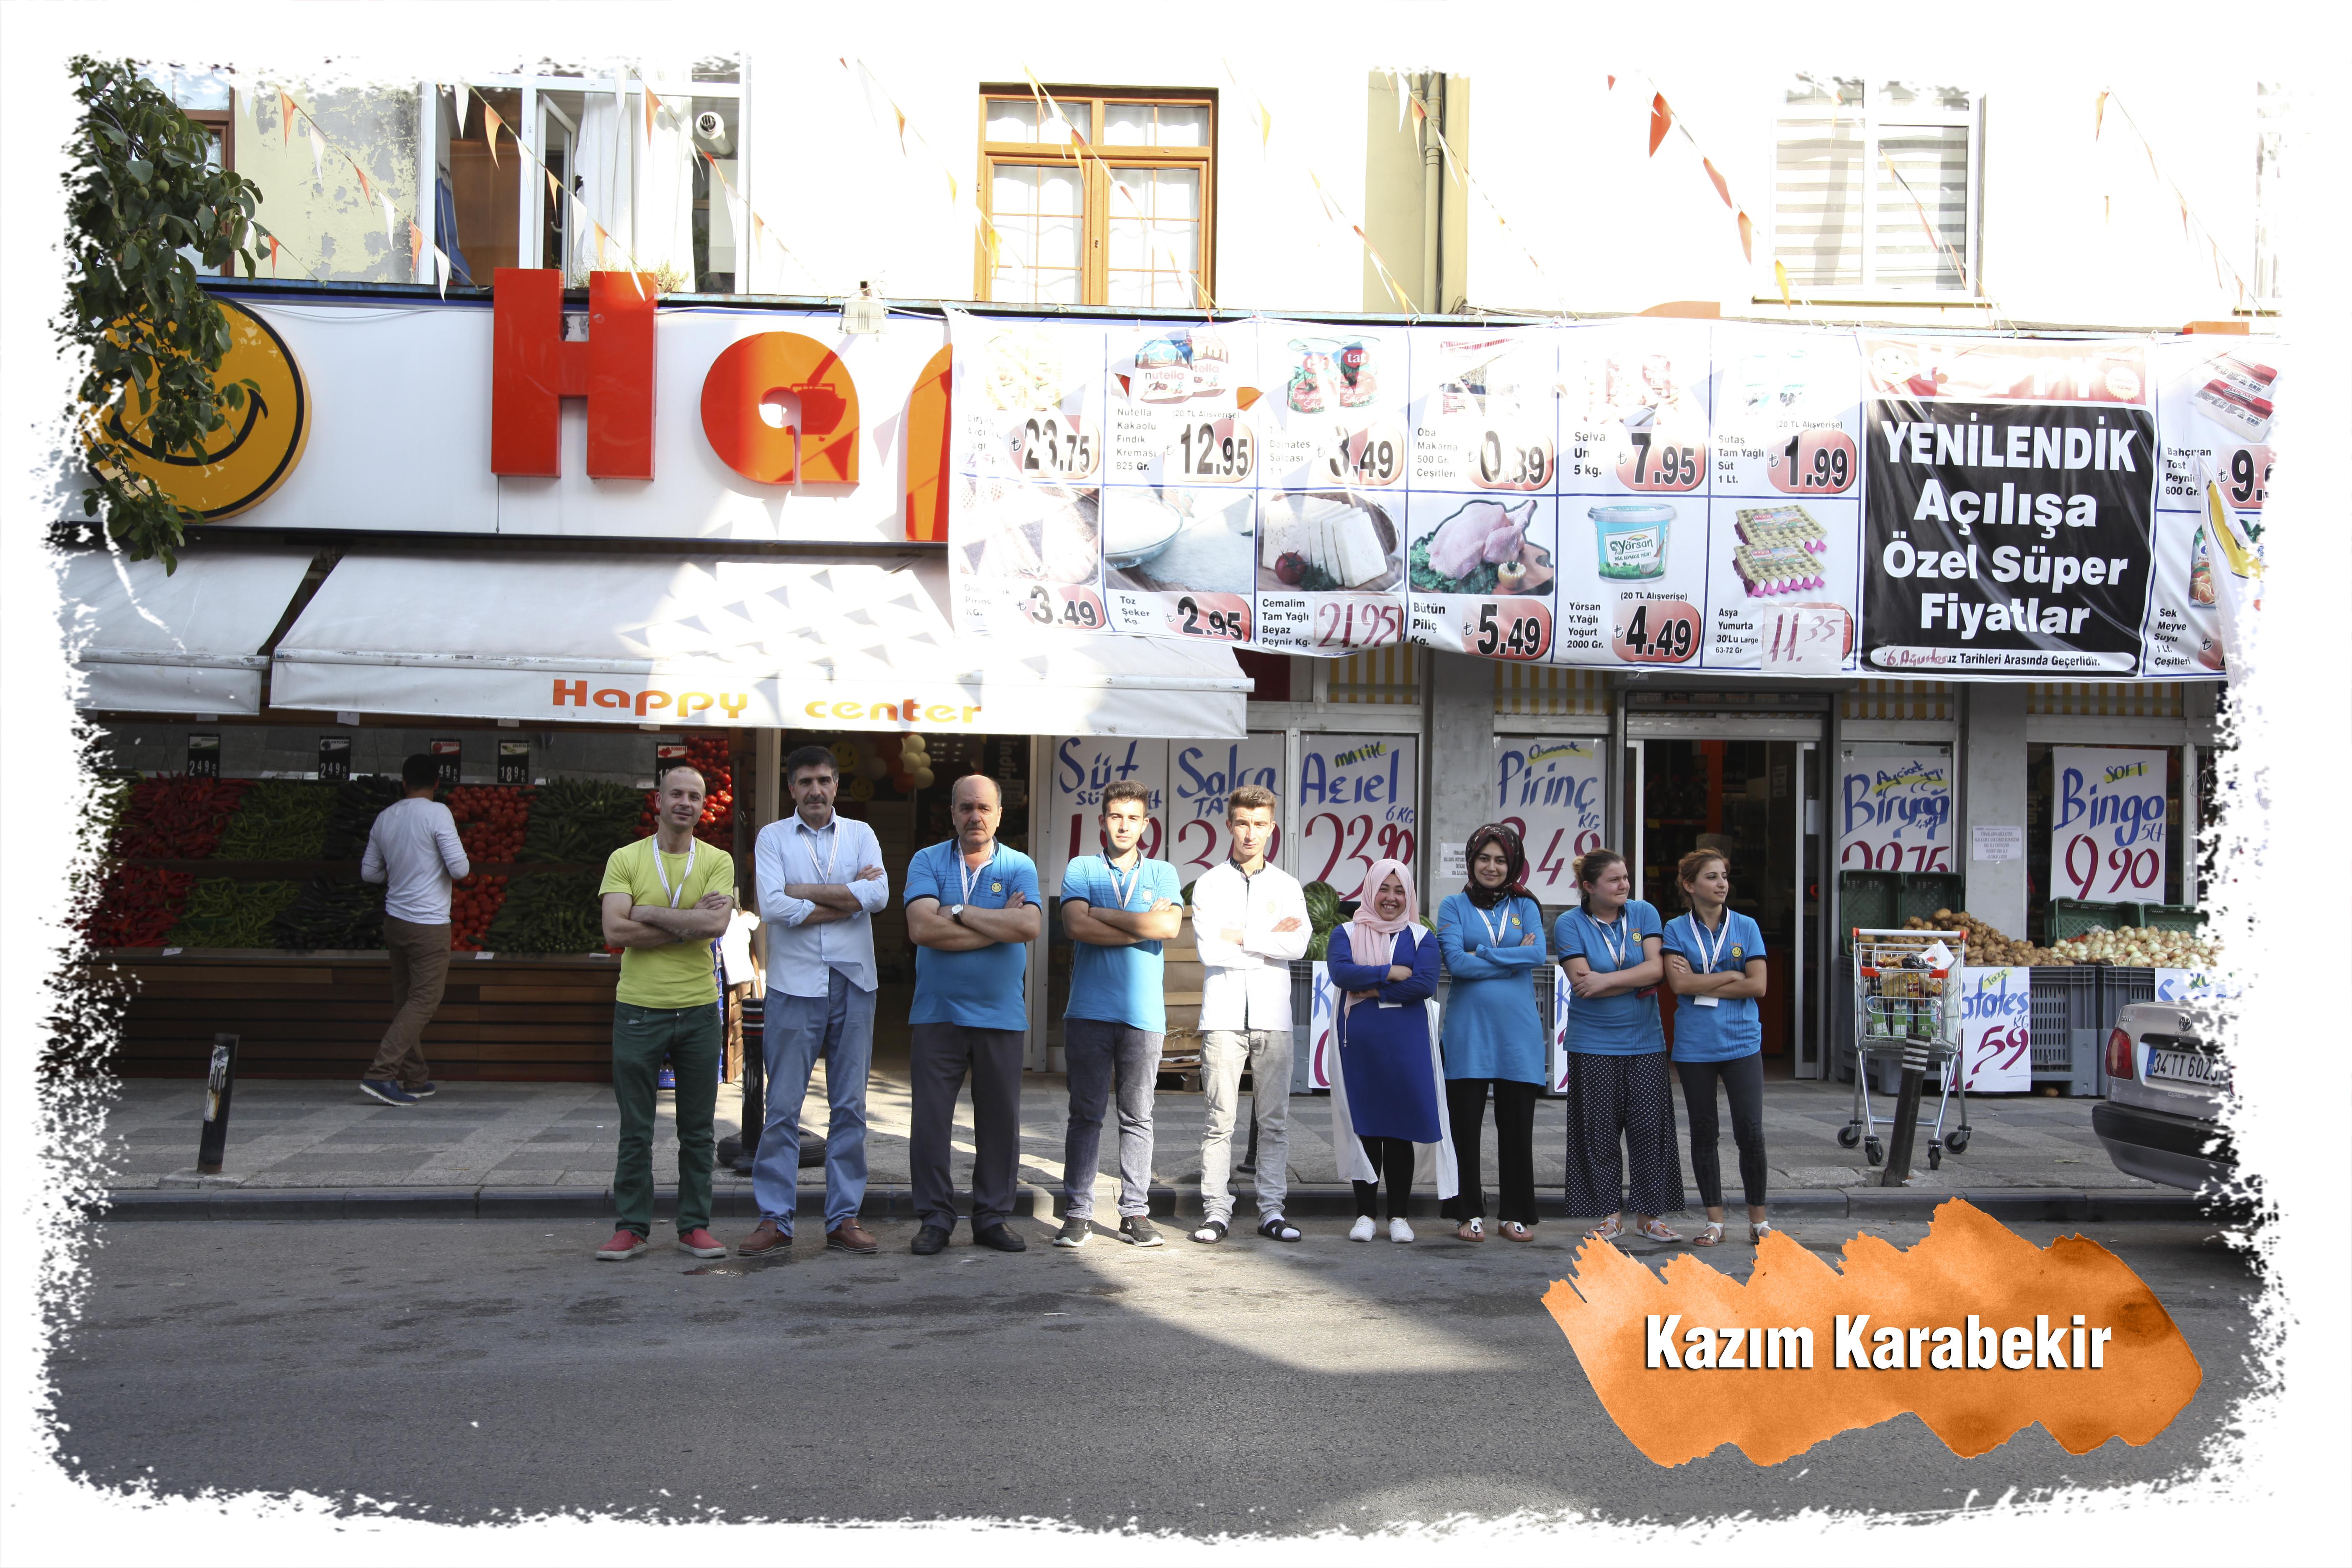 Kazım Karabekir - 2